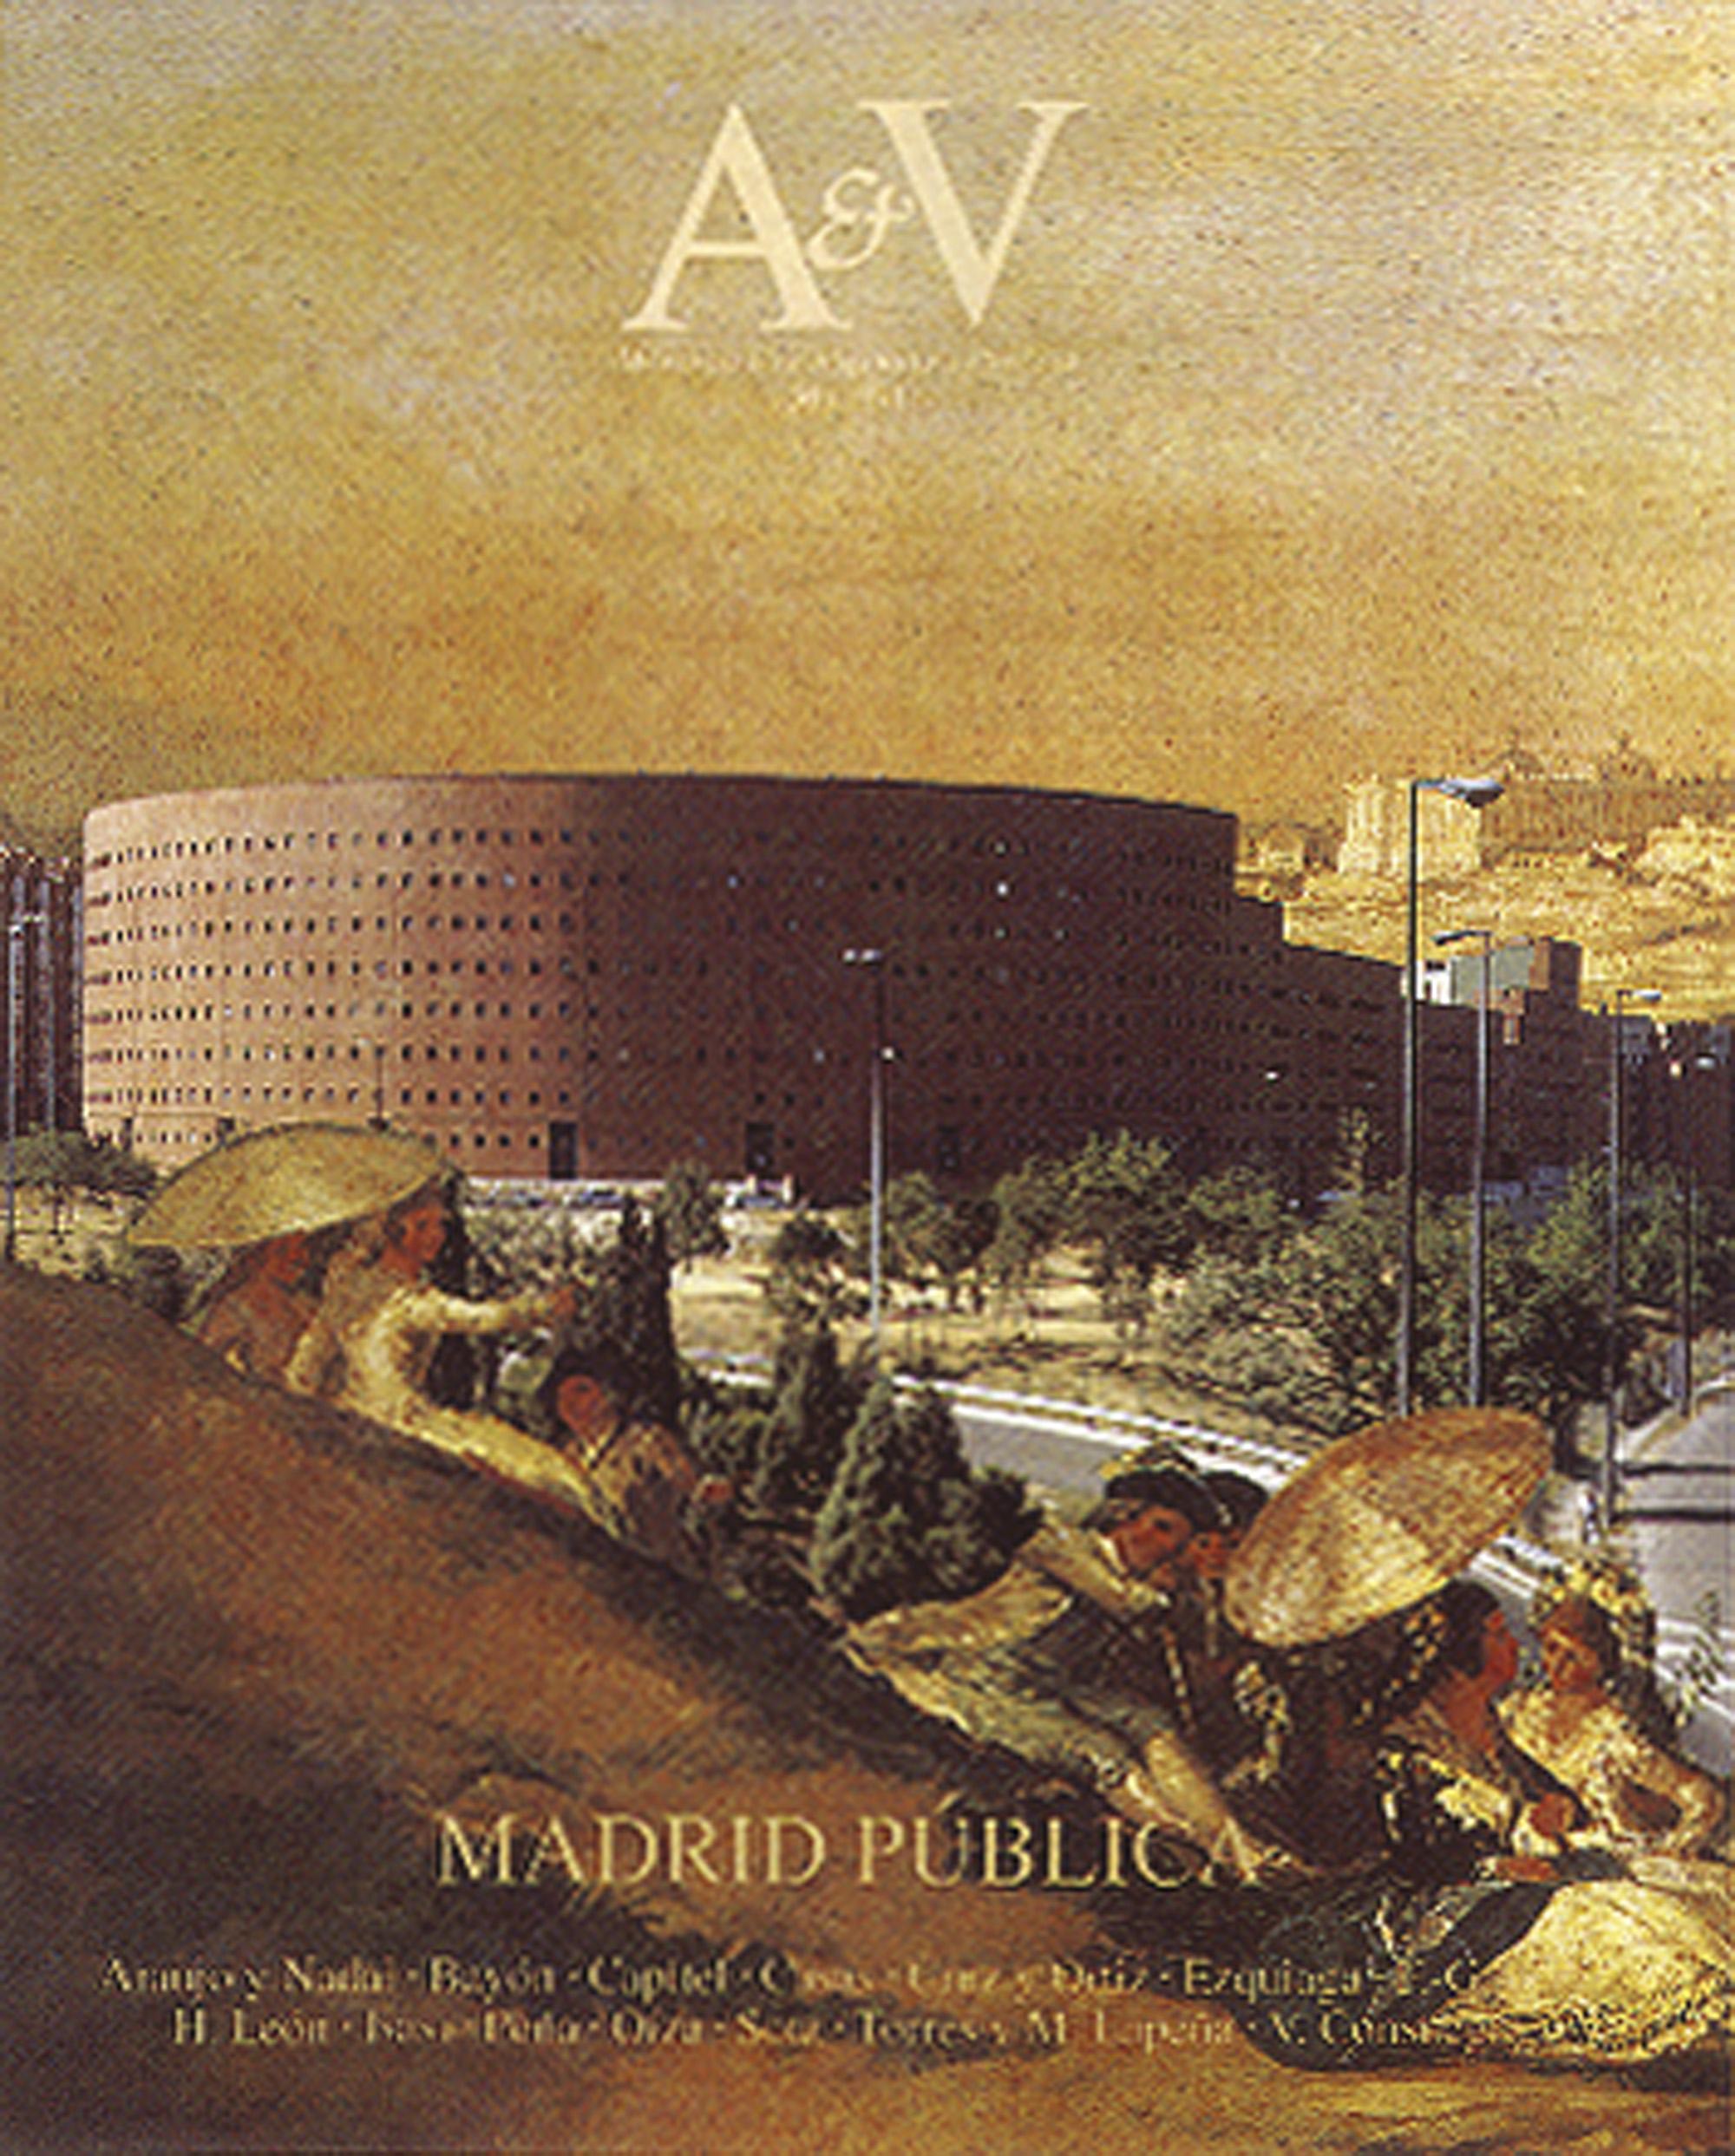 Madrid pública